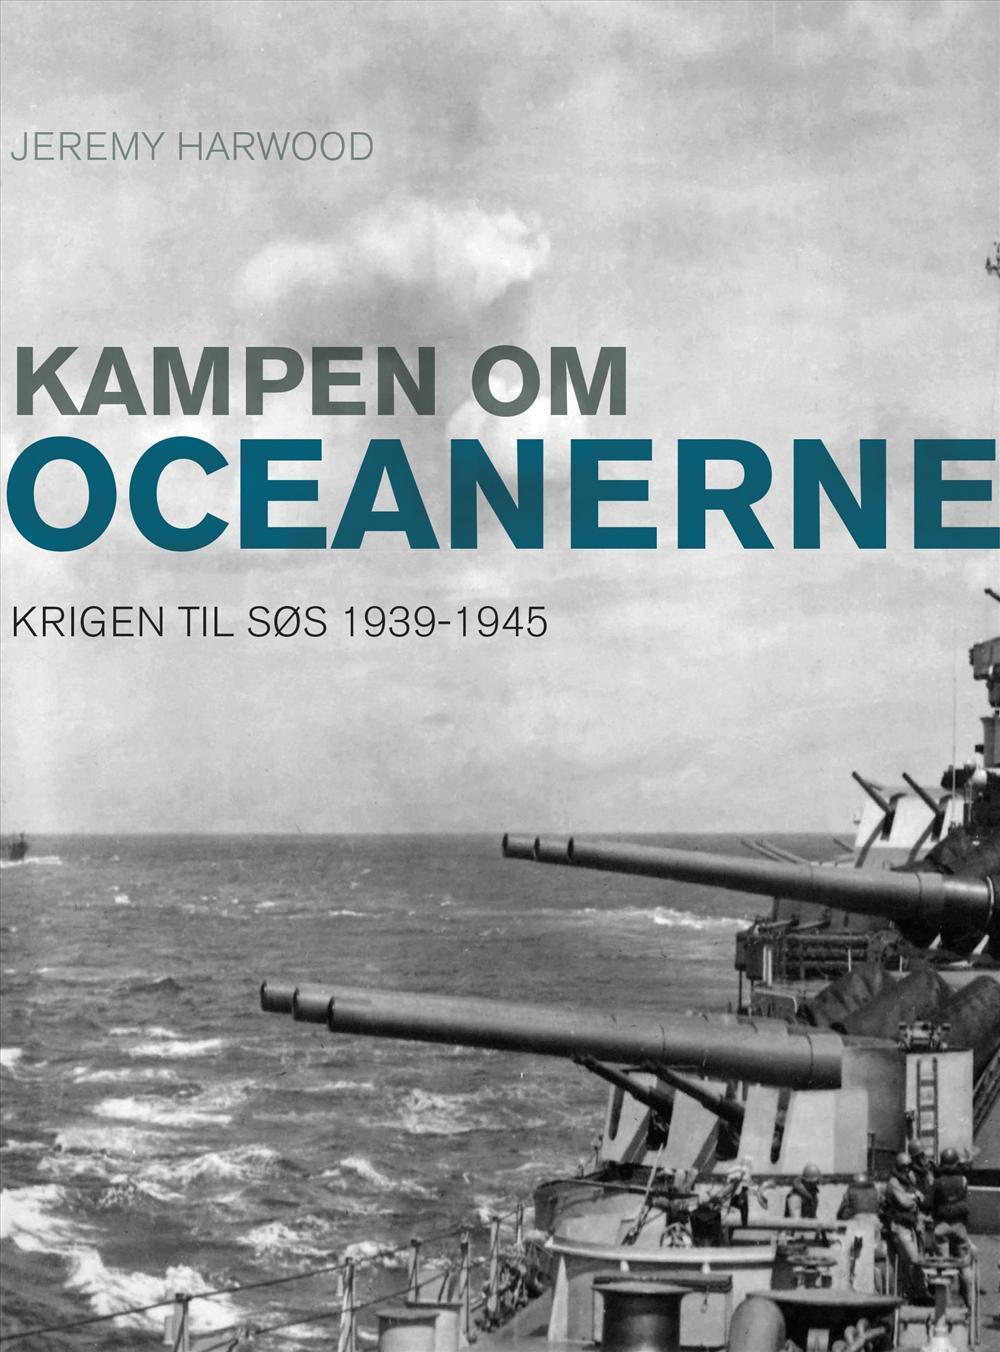 Kampen om oceanerne